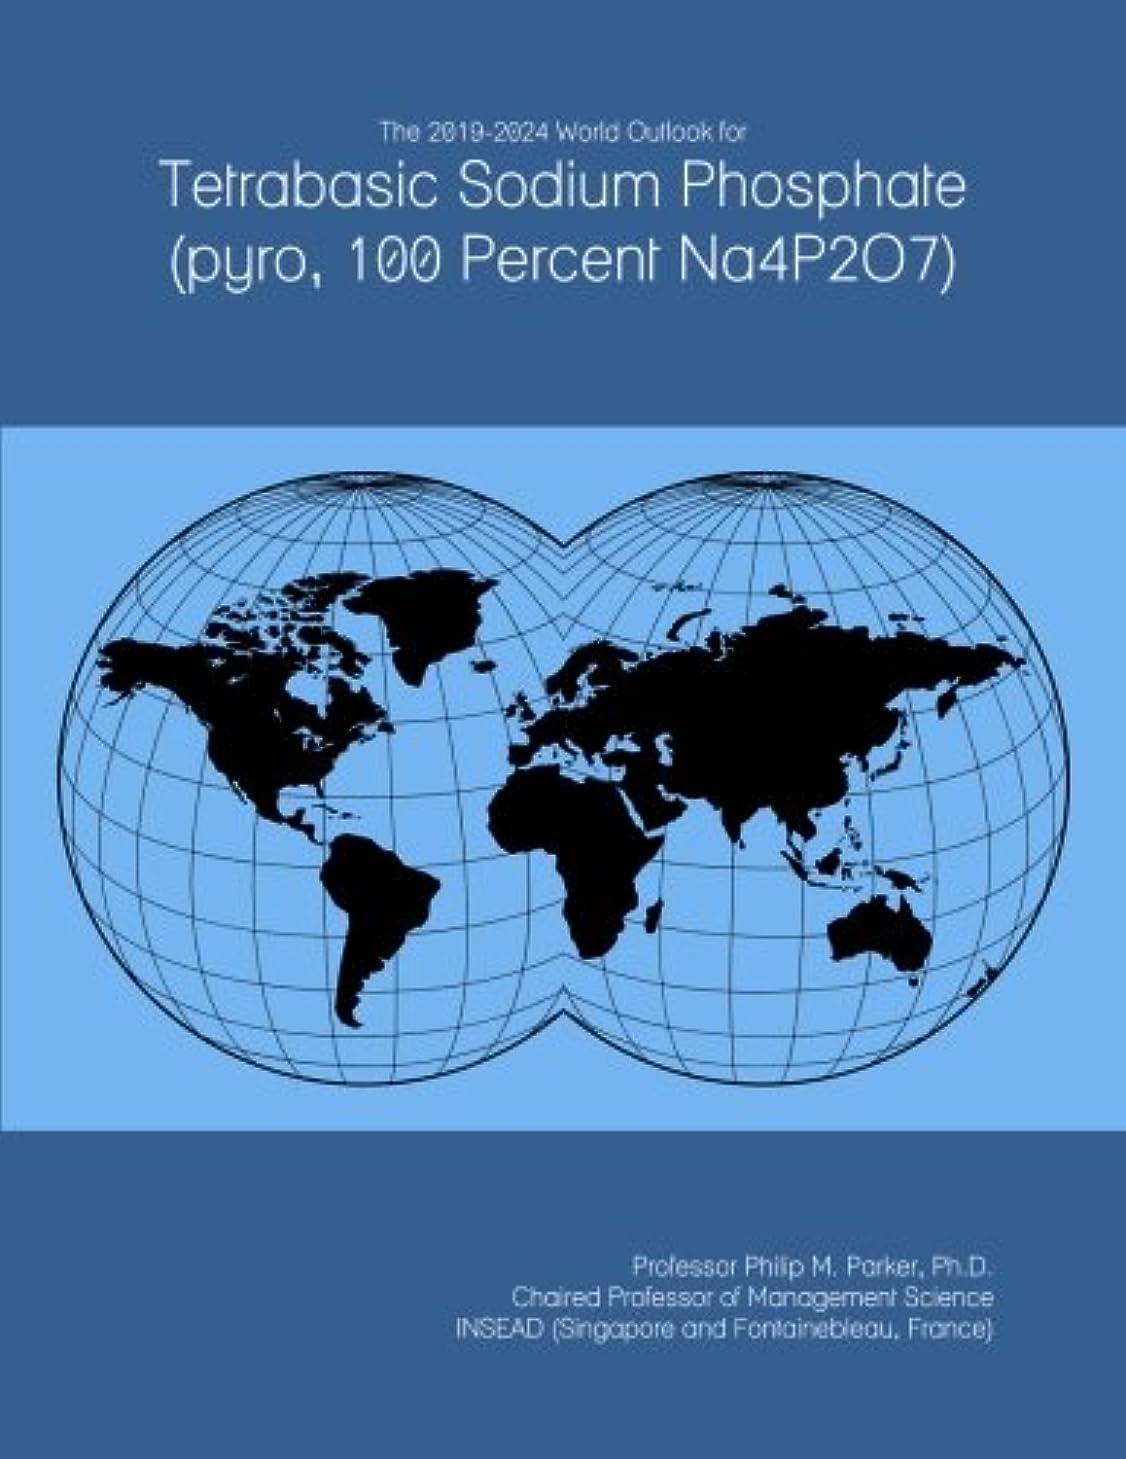 こねる独立して骨の折れるThe 2019-2024 World Outlook for Tetrabasic Sodium Phosphate (pyro, 100 Percent Na4P2O7)